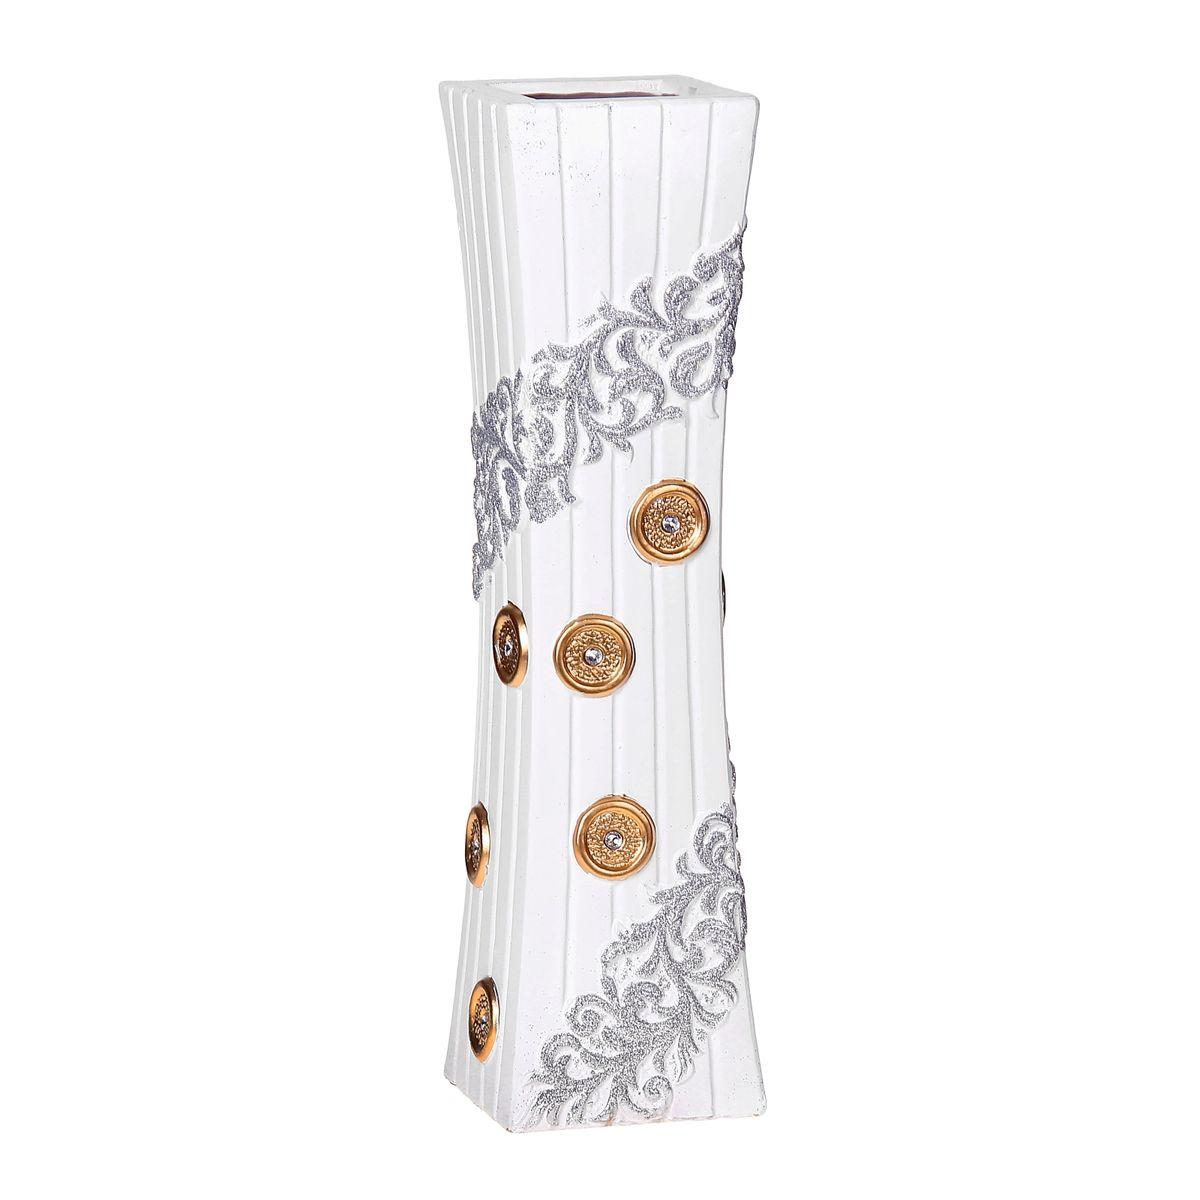 Ваза напольная Sima-land Пуговица, высота 60 см1044961Напольная ваза Sima-land Пуговица, выполненная из керамики, станет изысканным украшением интерьера. Она предназначена как для живых, так и для искусственных цветов. Изделие декорировано блестками и стразами. Интересная форма и необычное оформление сделают эту вазу замечательным украшением интерьера. Любое помещение выглядит незавершенным без правильно расположенных предметов интерьера. Они помогают создать уют, расставить акценты, подчеркнуть достоинства или скрыть недостатки.